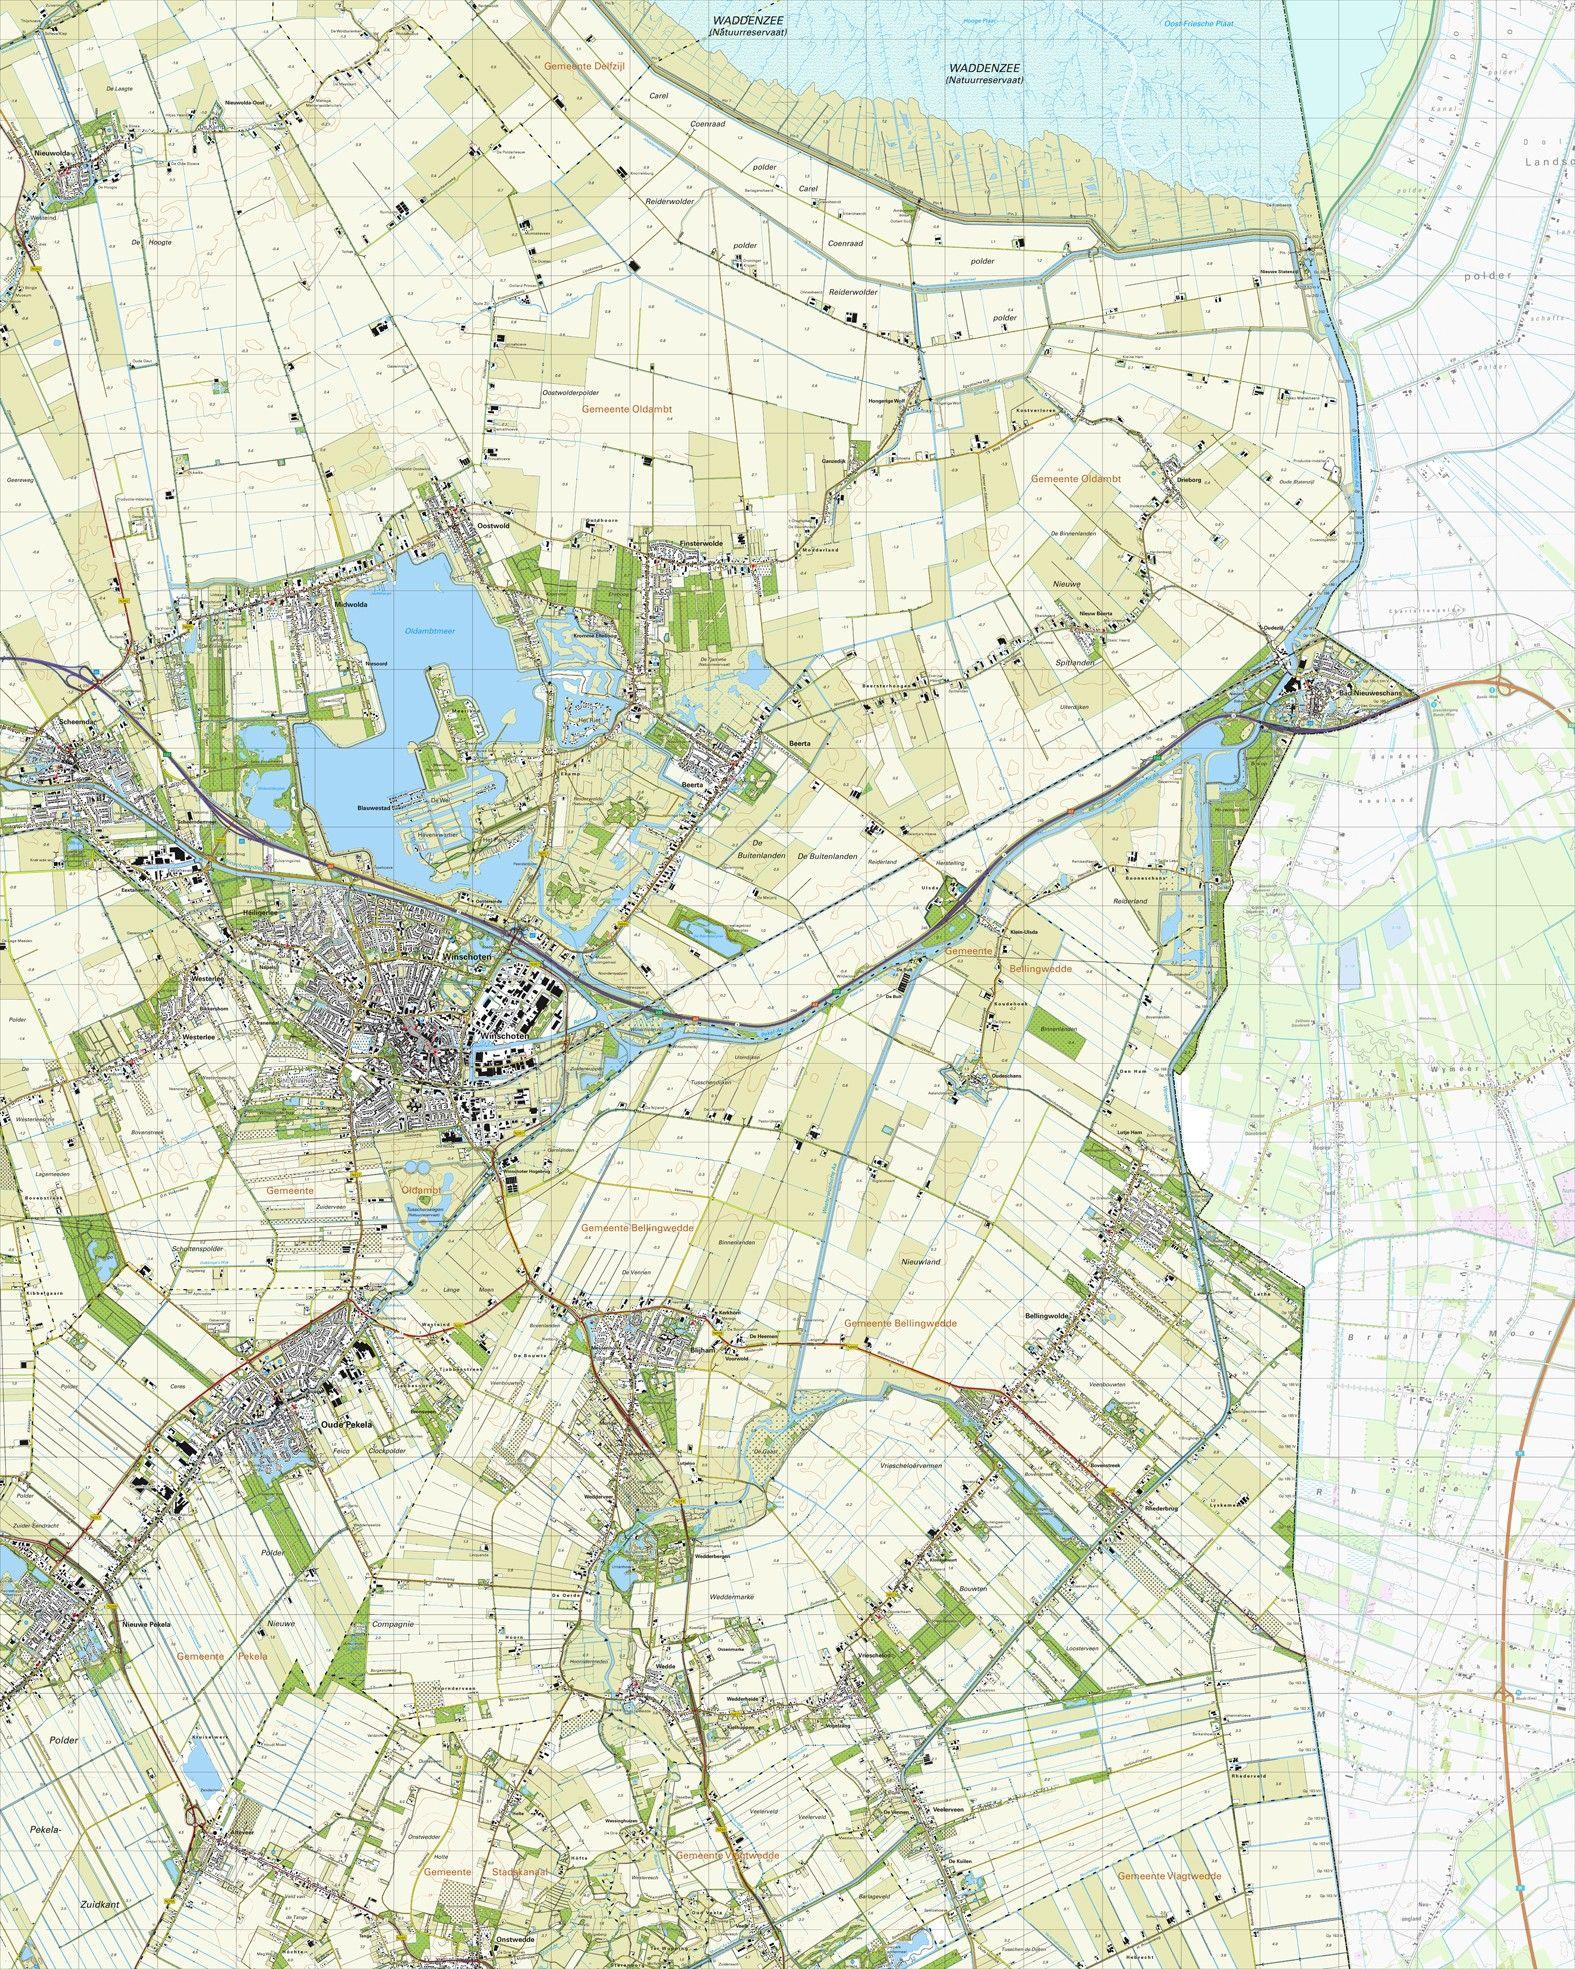 Topografische kaart schaal 1:25.000 (Scheemda,Winschoten,Nieuweschans,Blijham,Oude-Pekela)